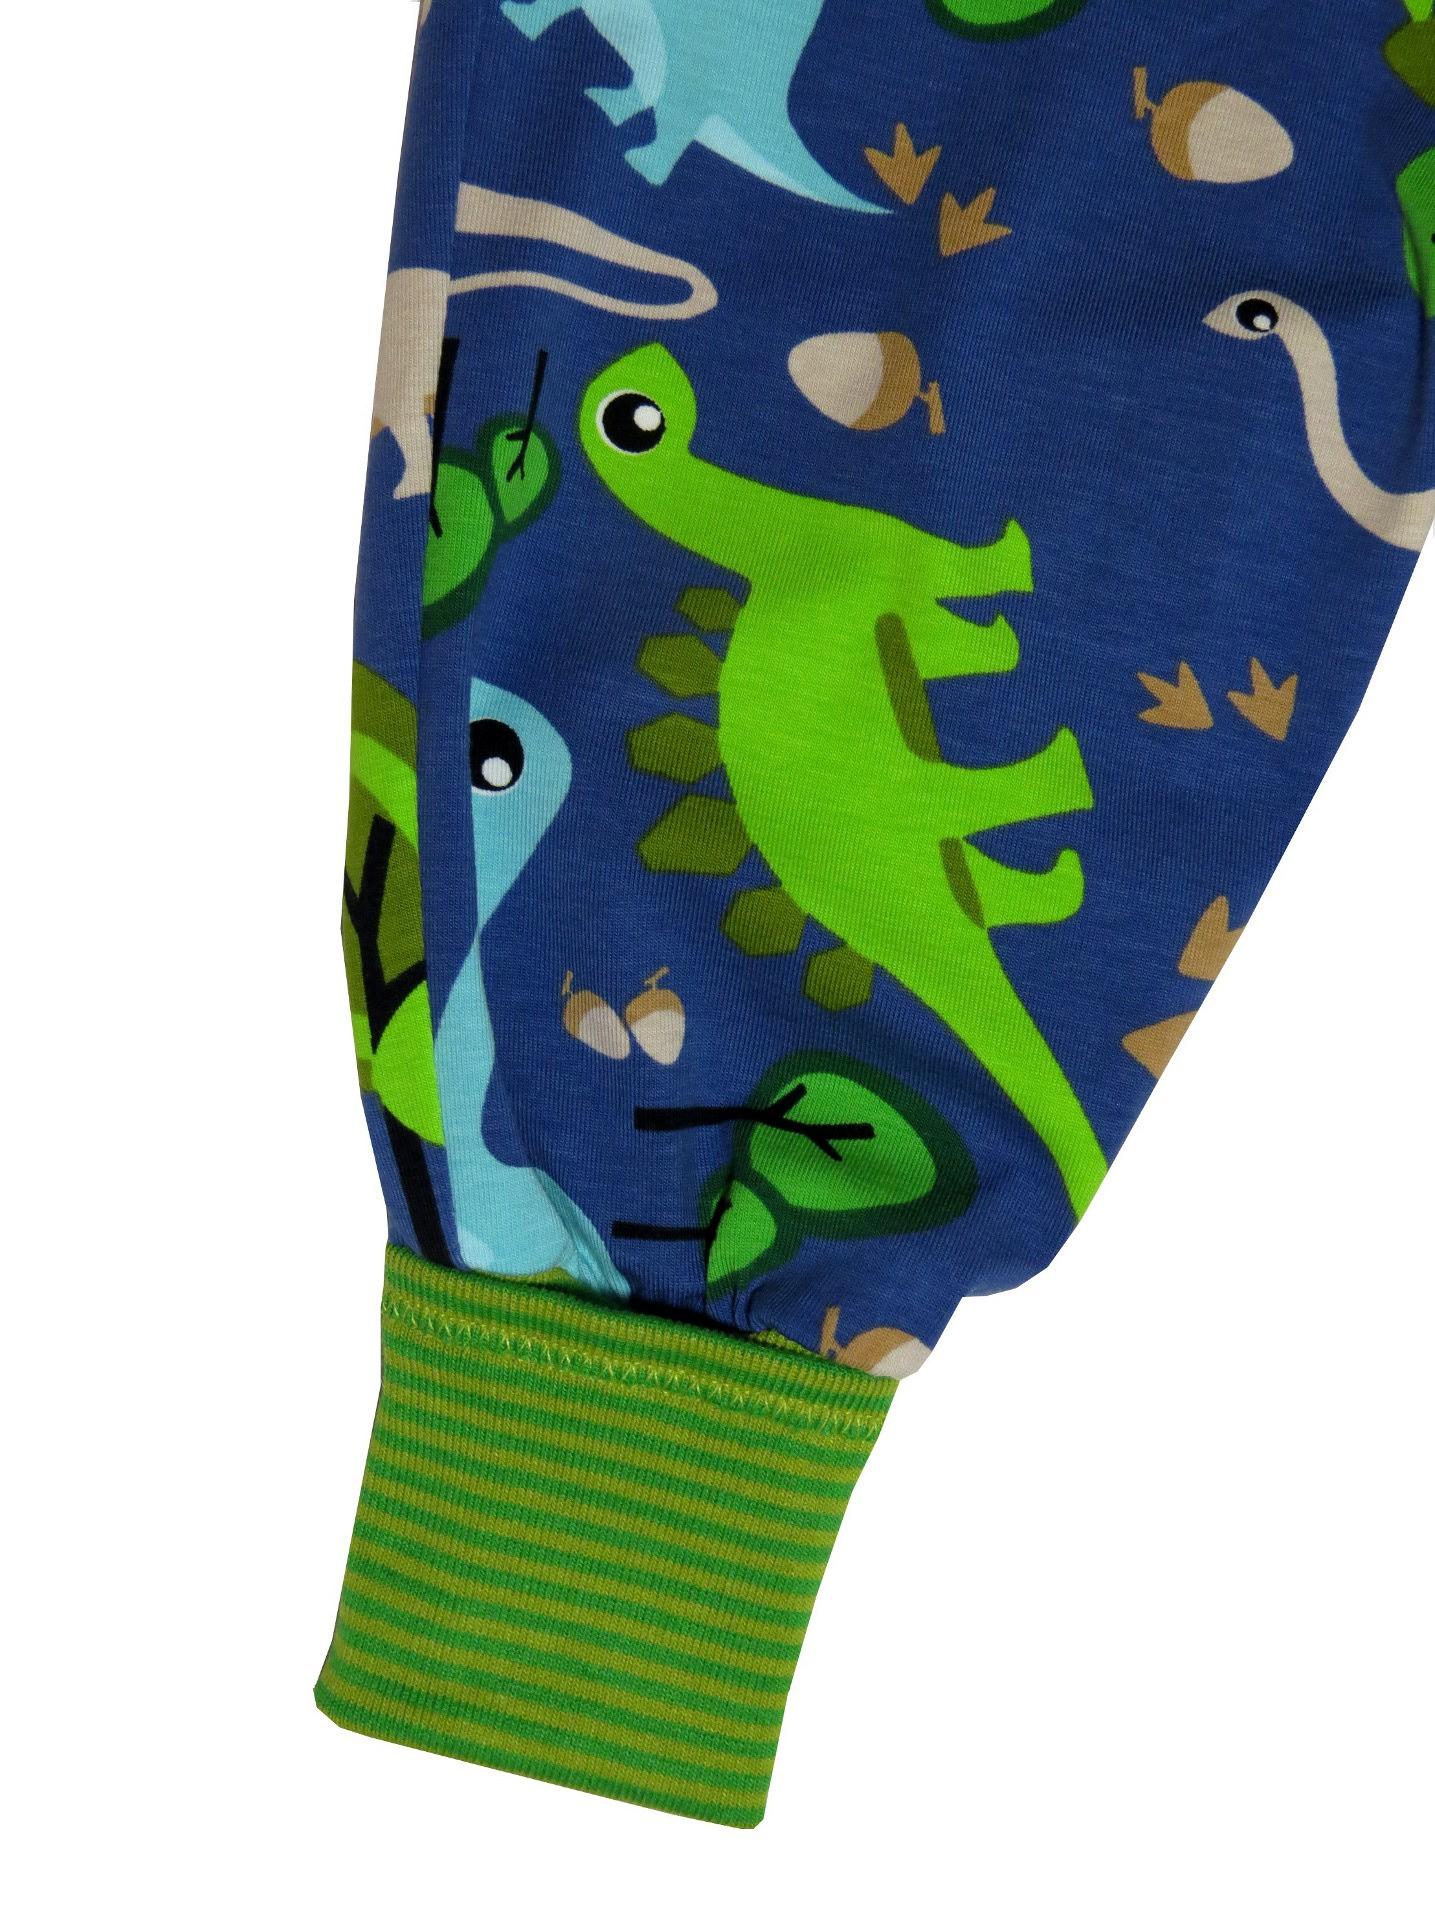 Kleinesbild - Mitwachshose Dinos Hose Pumphose blau grün Dinosaurier